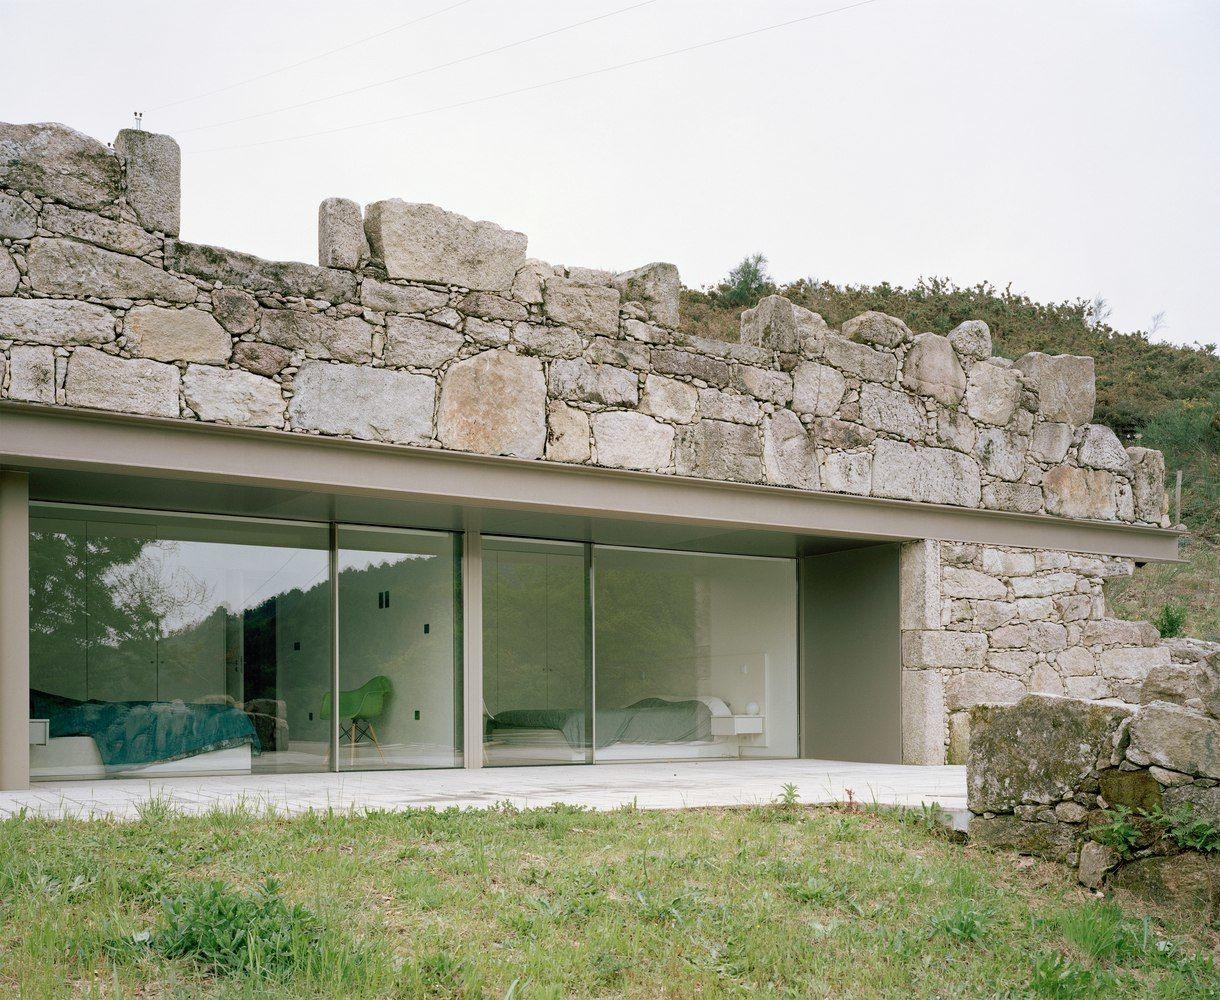 Casa en Melgaço by Nuno Brandão Costa